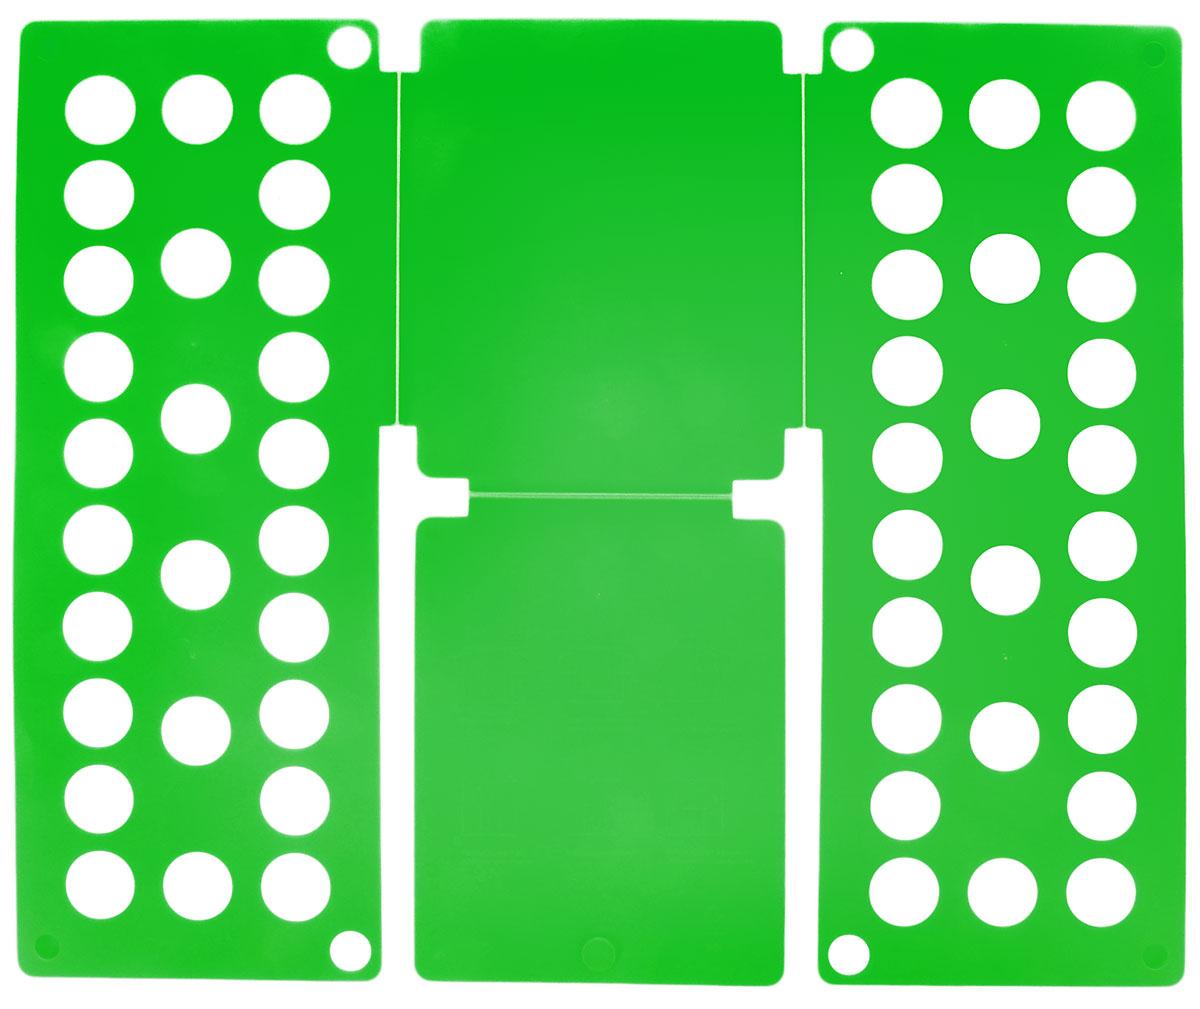 Приспособление для складывания одежды, цвет: зеленый1411846_зеленыйПриспособление для складывания одежды, цвет: зеленый